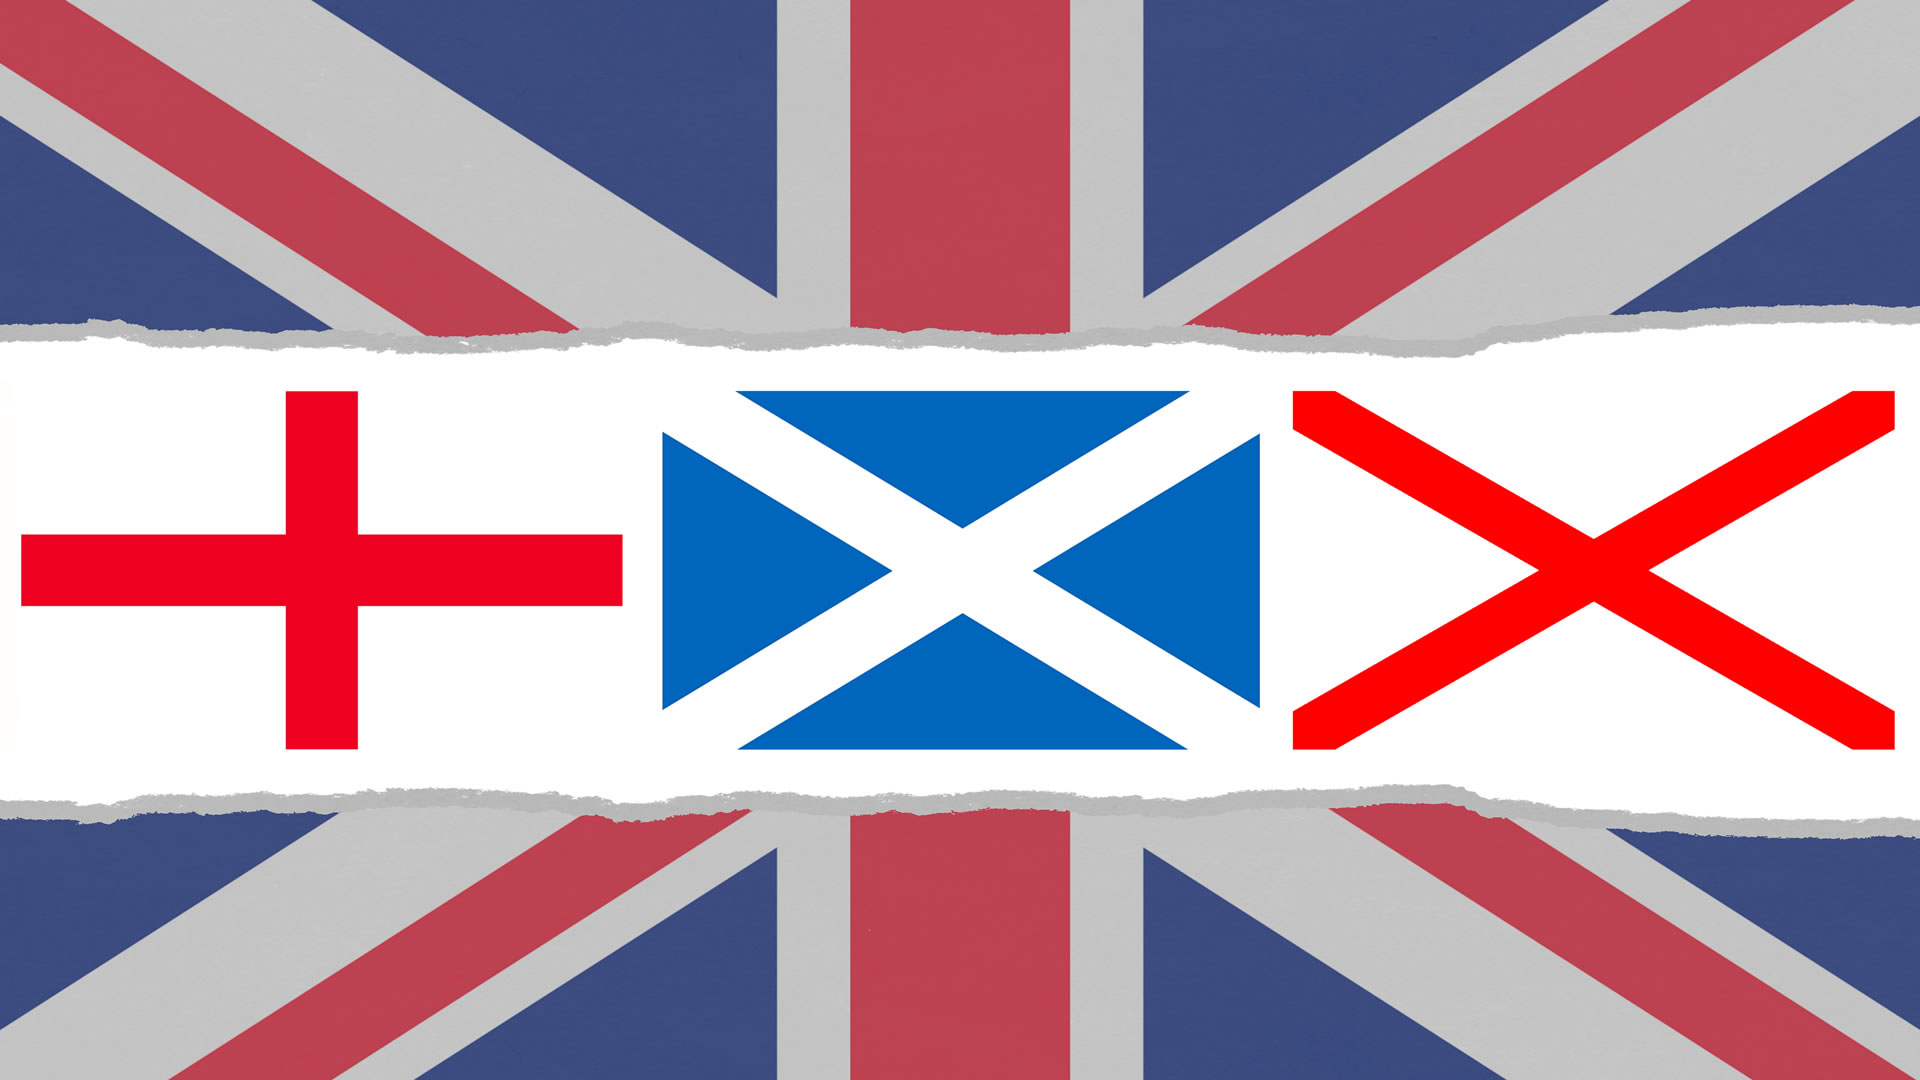 Reino Unido Bandera Actual la Bandera Del Reino Unido